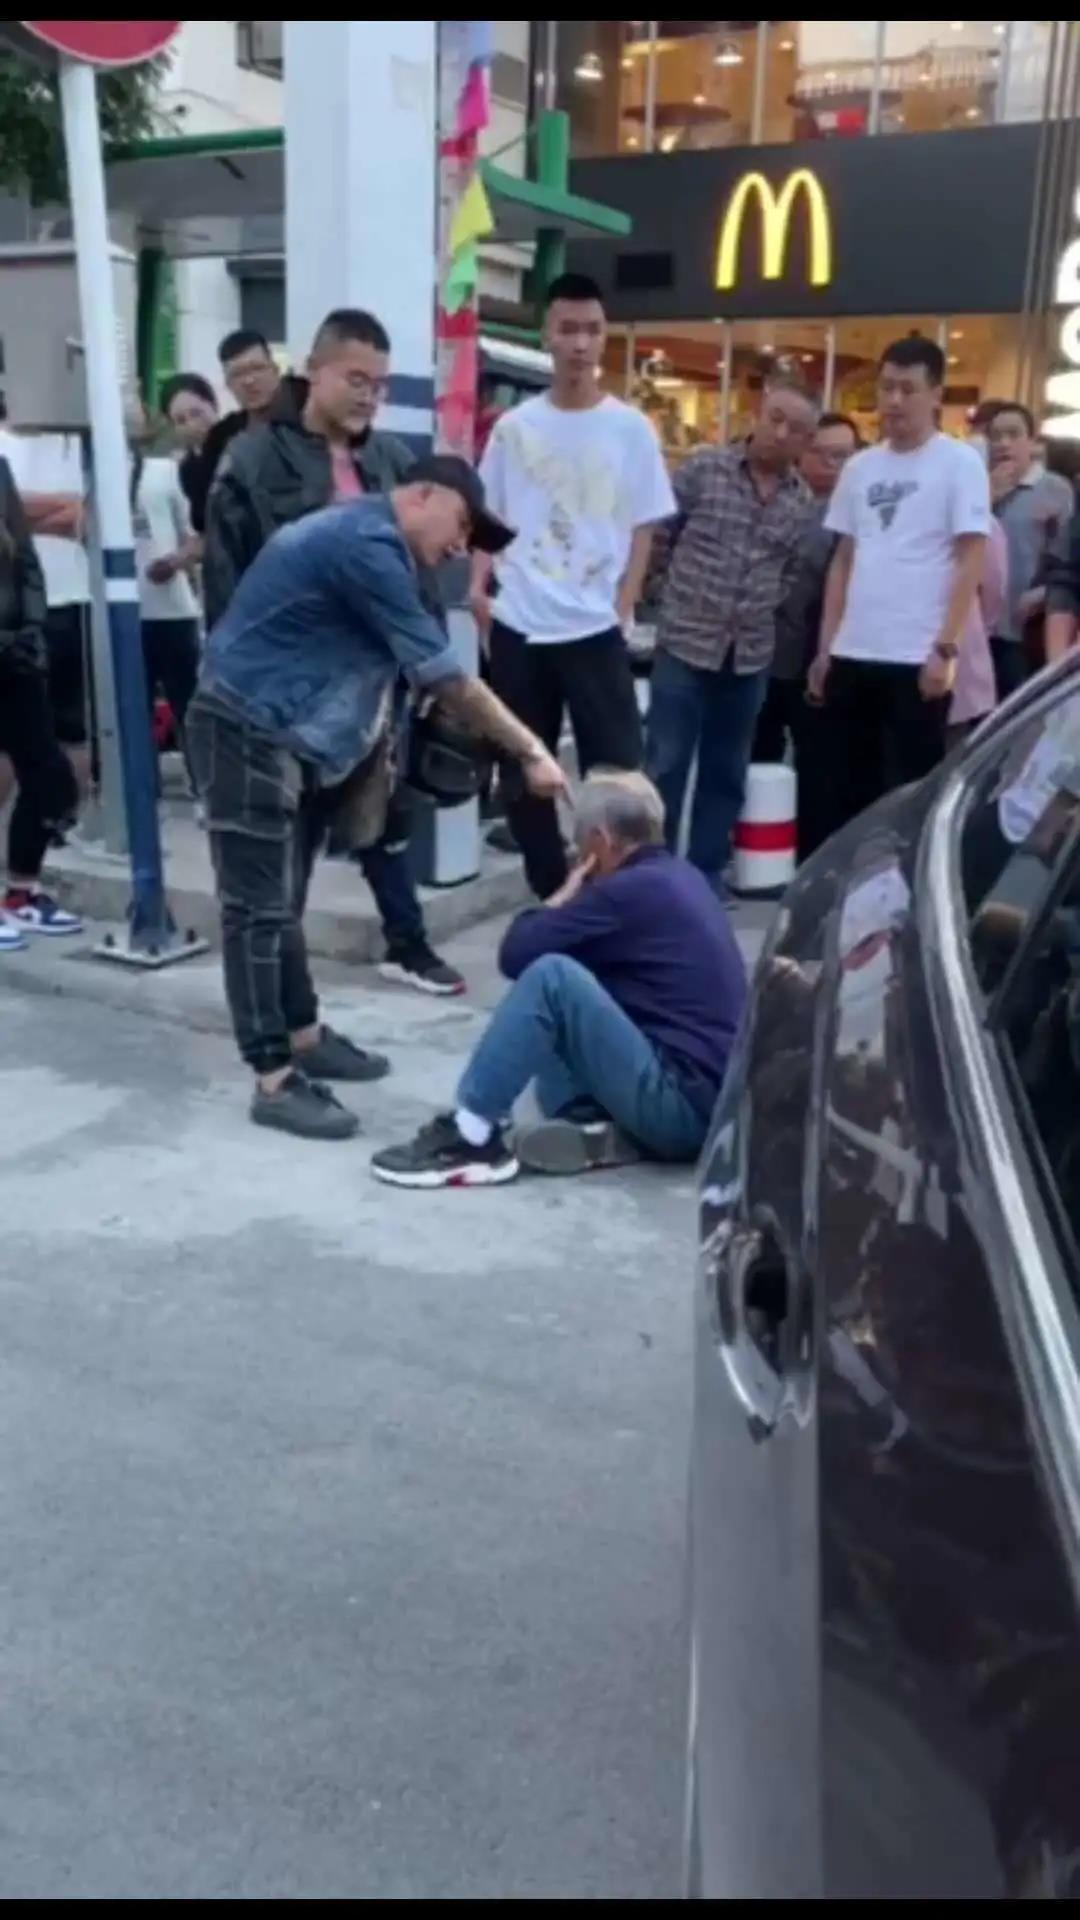 张家口通报男子殴打老人事件:行凶者已被控制图片